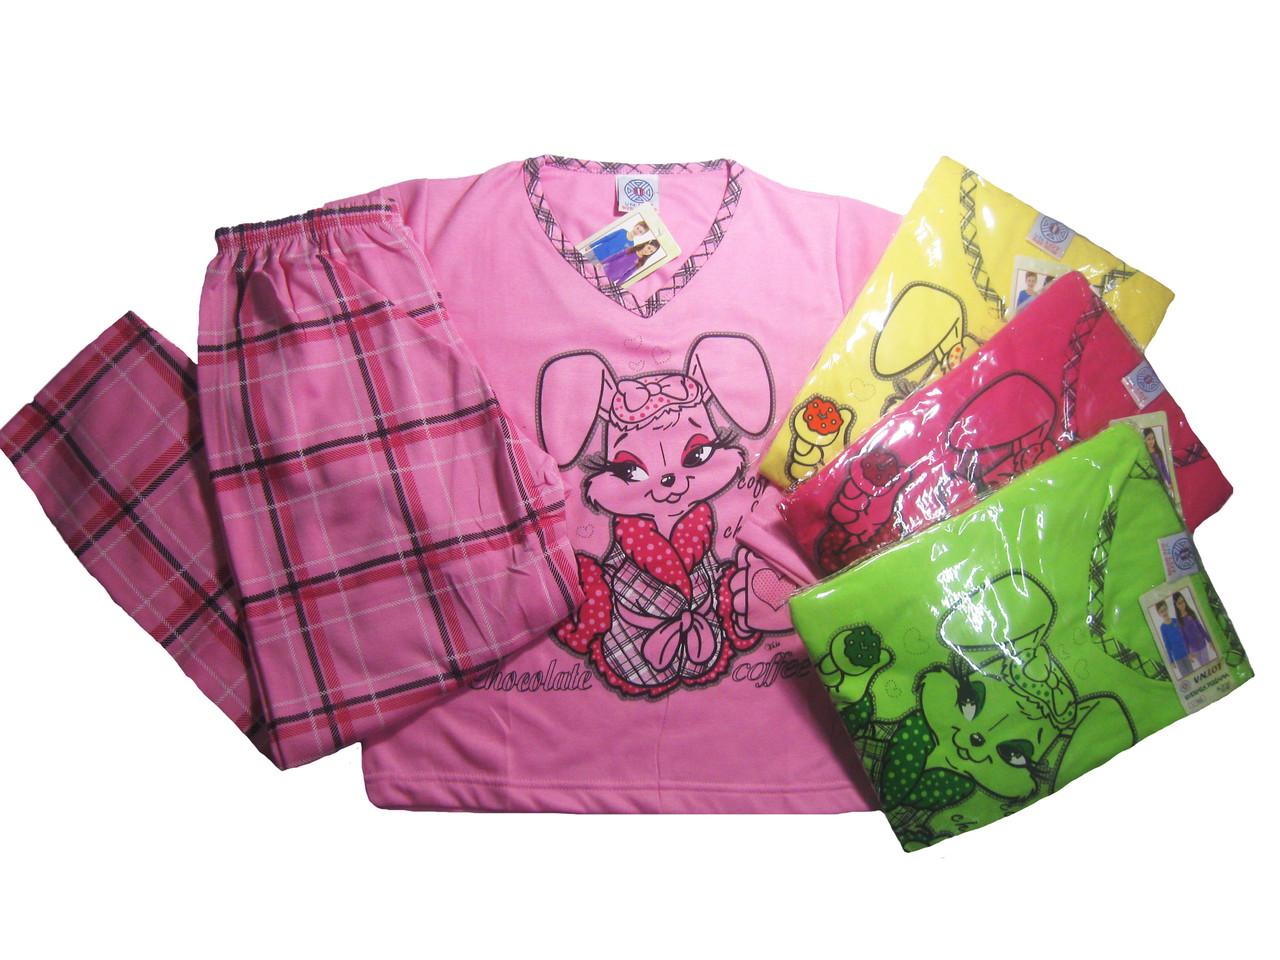 Пижама байковая (трикотажная) с начёсом для девочек, размеры 98/104-134/140, арт. 985